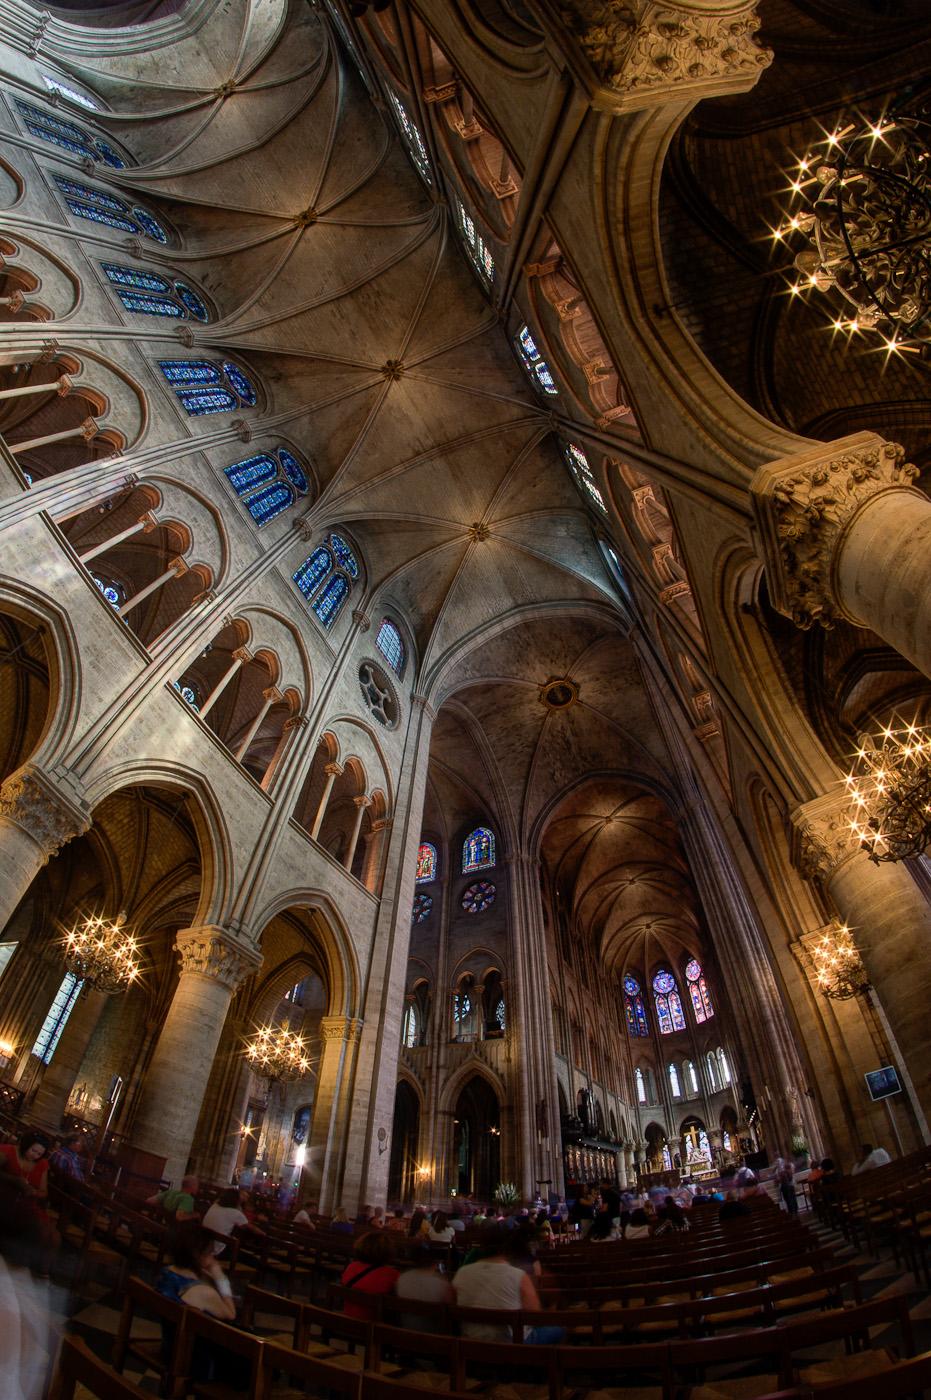 Int%C3%A9rieur_de_la_Cath%C3%A9drale_Notre_Dame_de_Paris.jpg